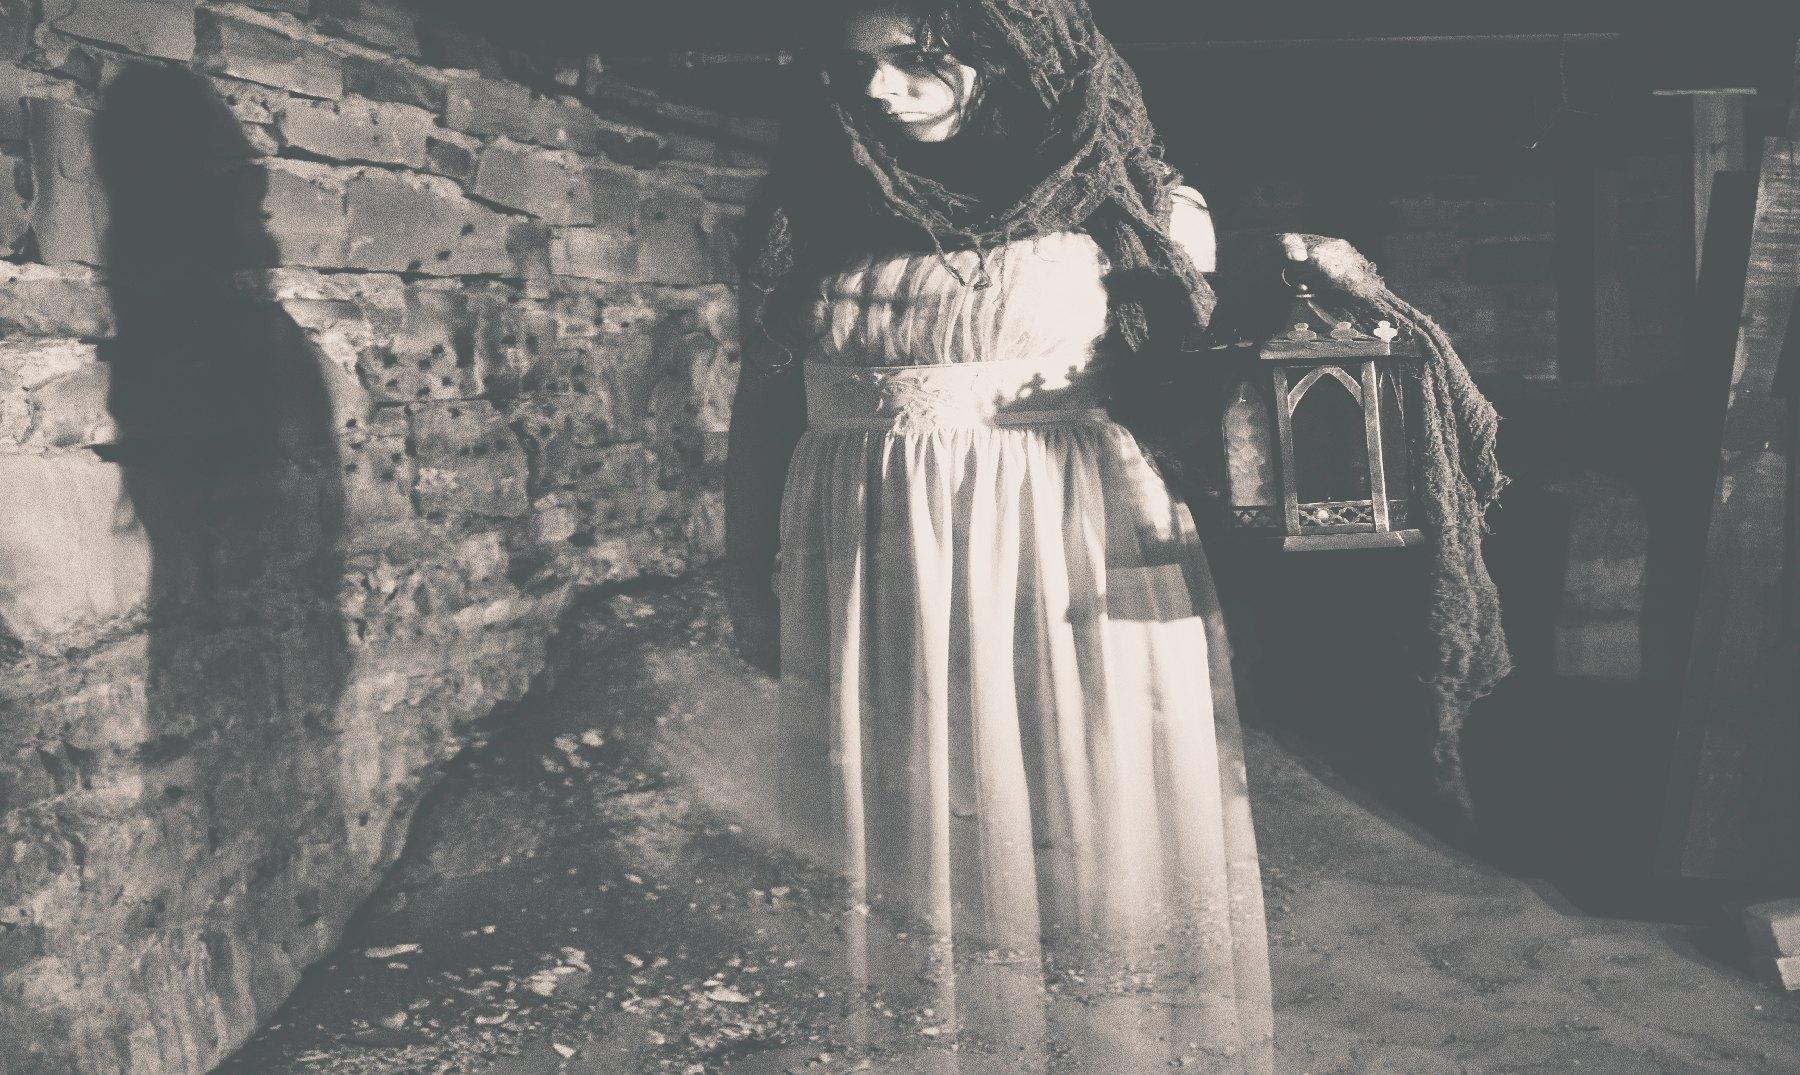 El fantasma de Kate Morgan